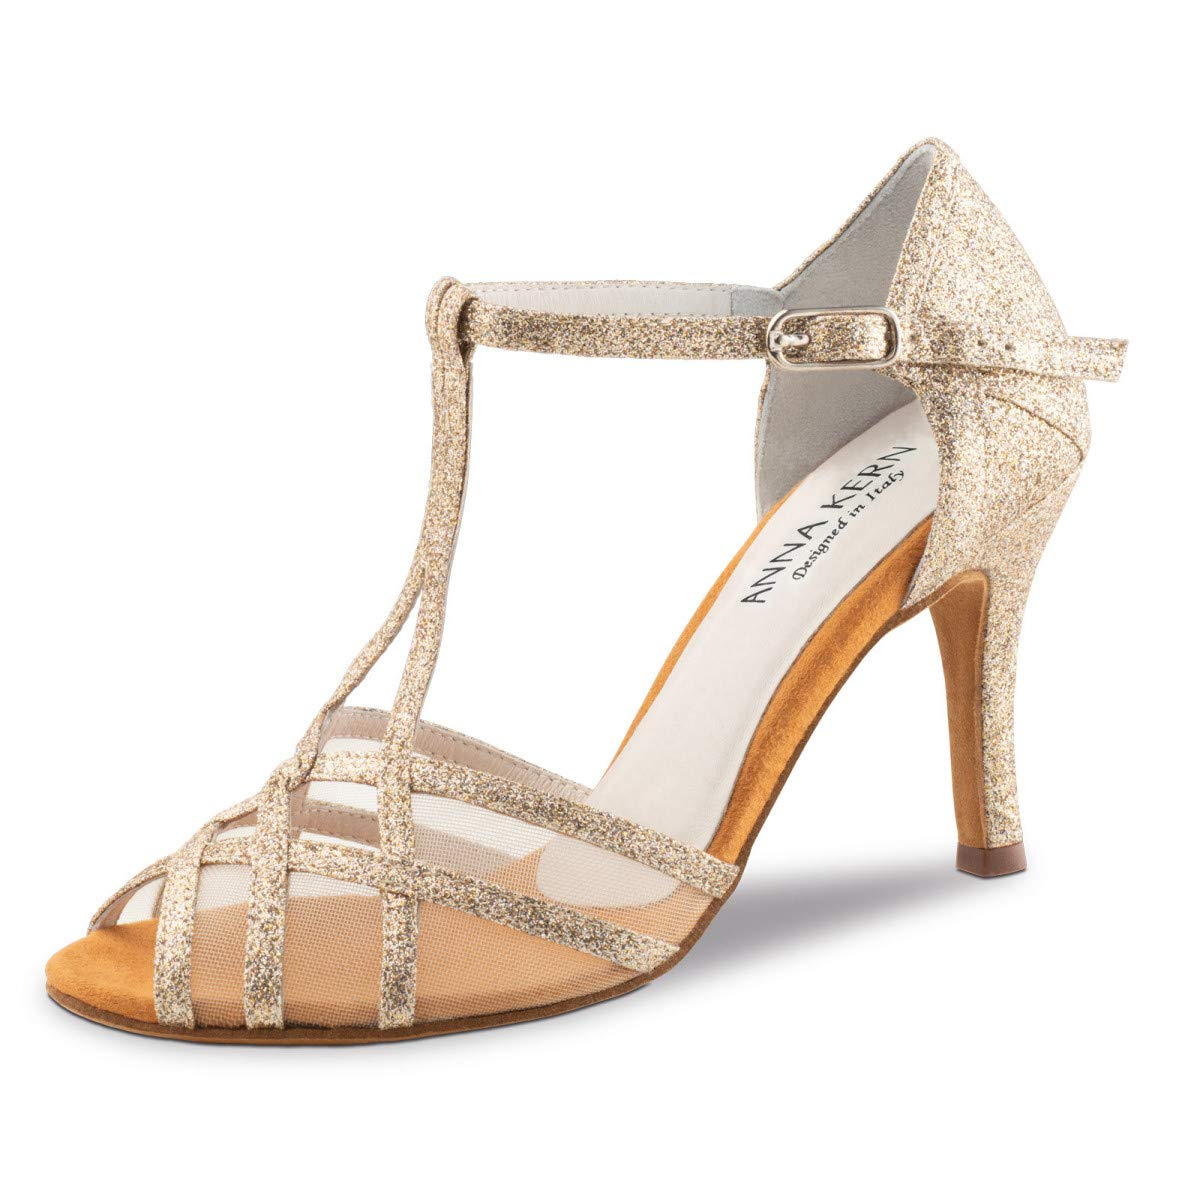 Anna Kern - Damen Tanzschuhe 870-75 - Brokat Gold 7 Glitzer - 7 Gold 5 cm Stiletto e39532